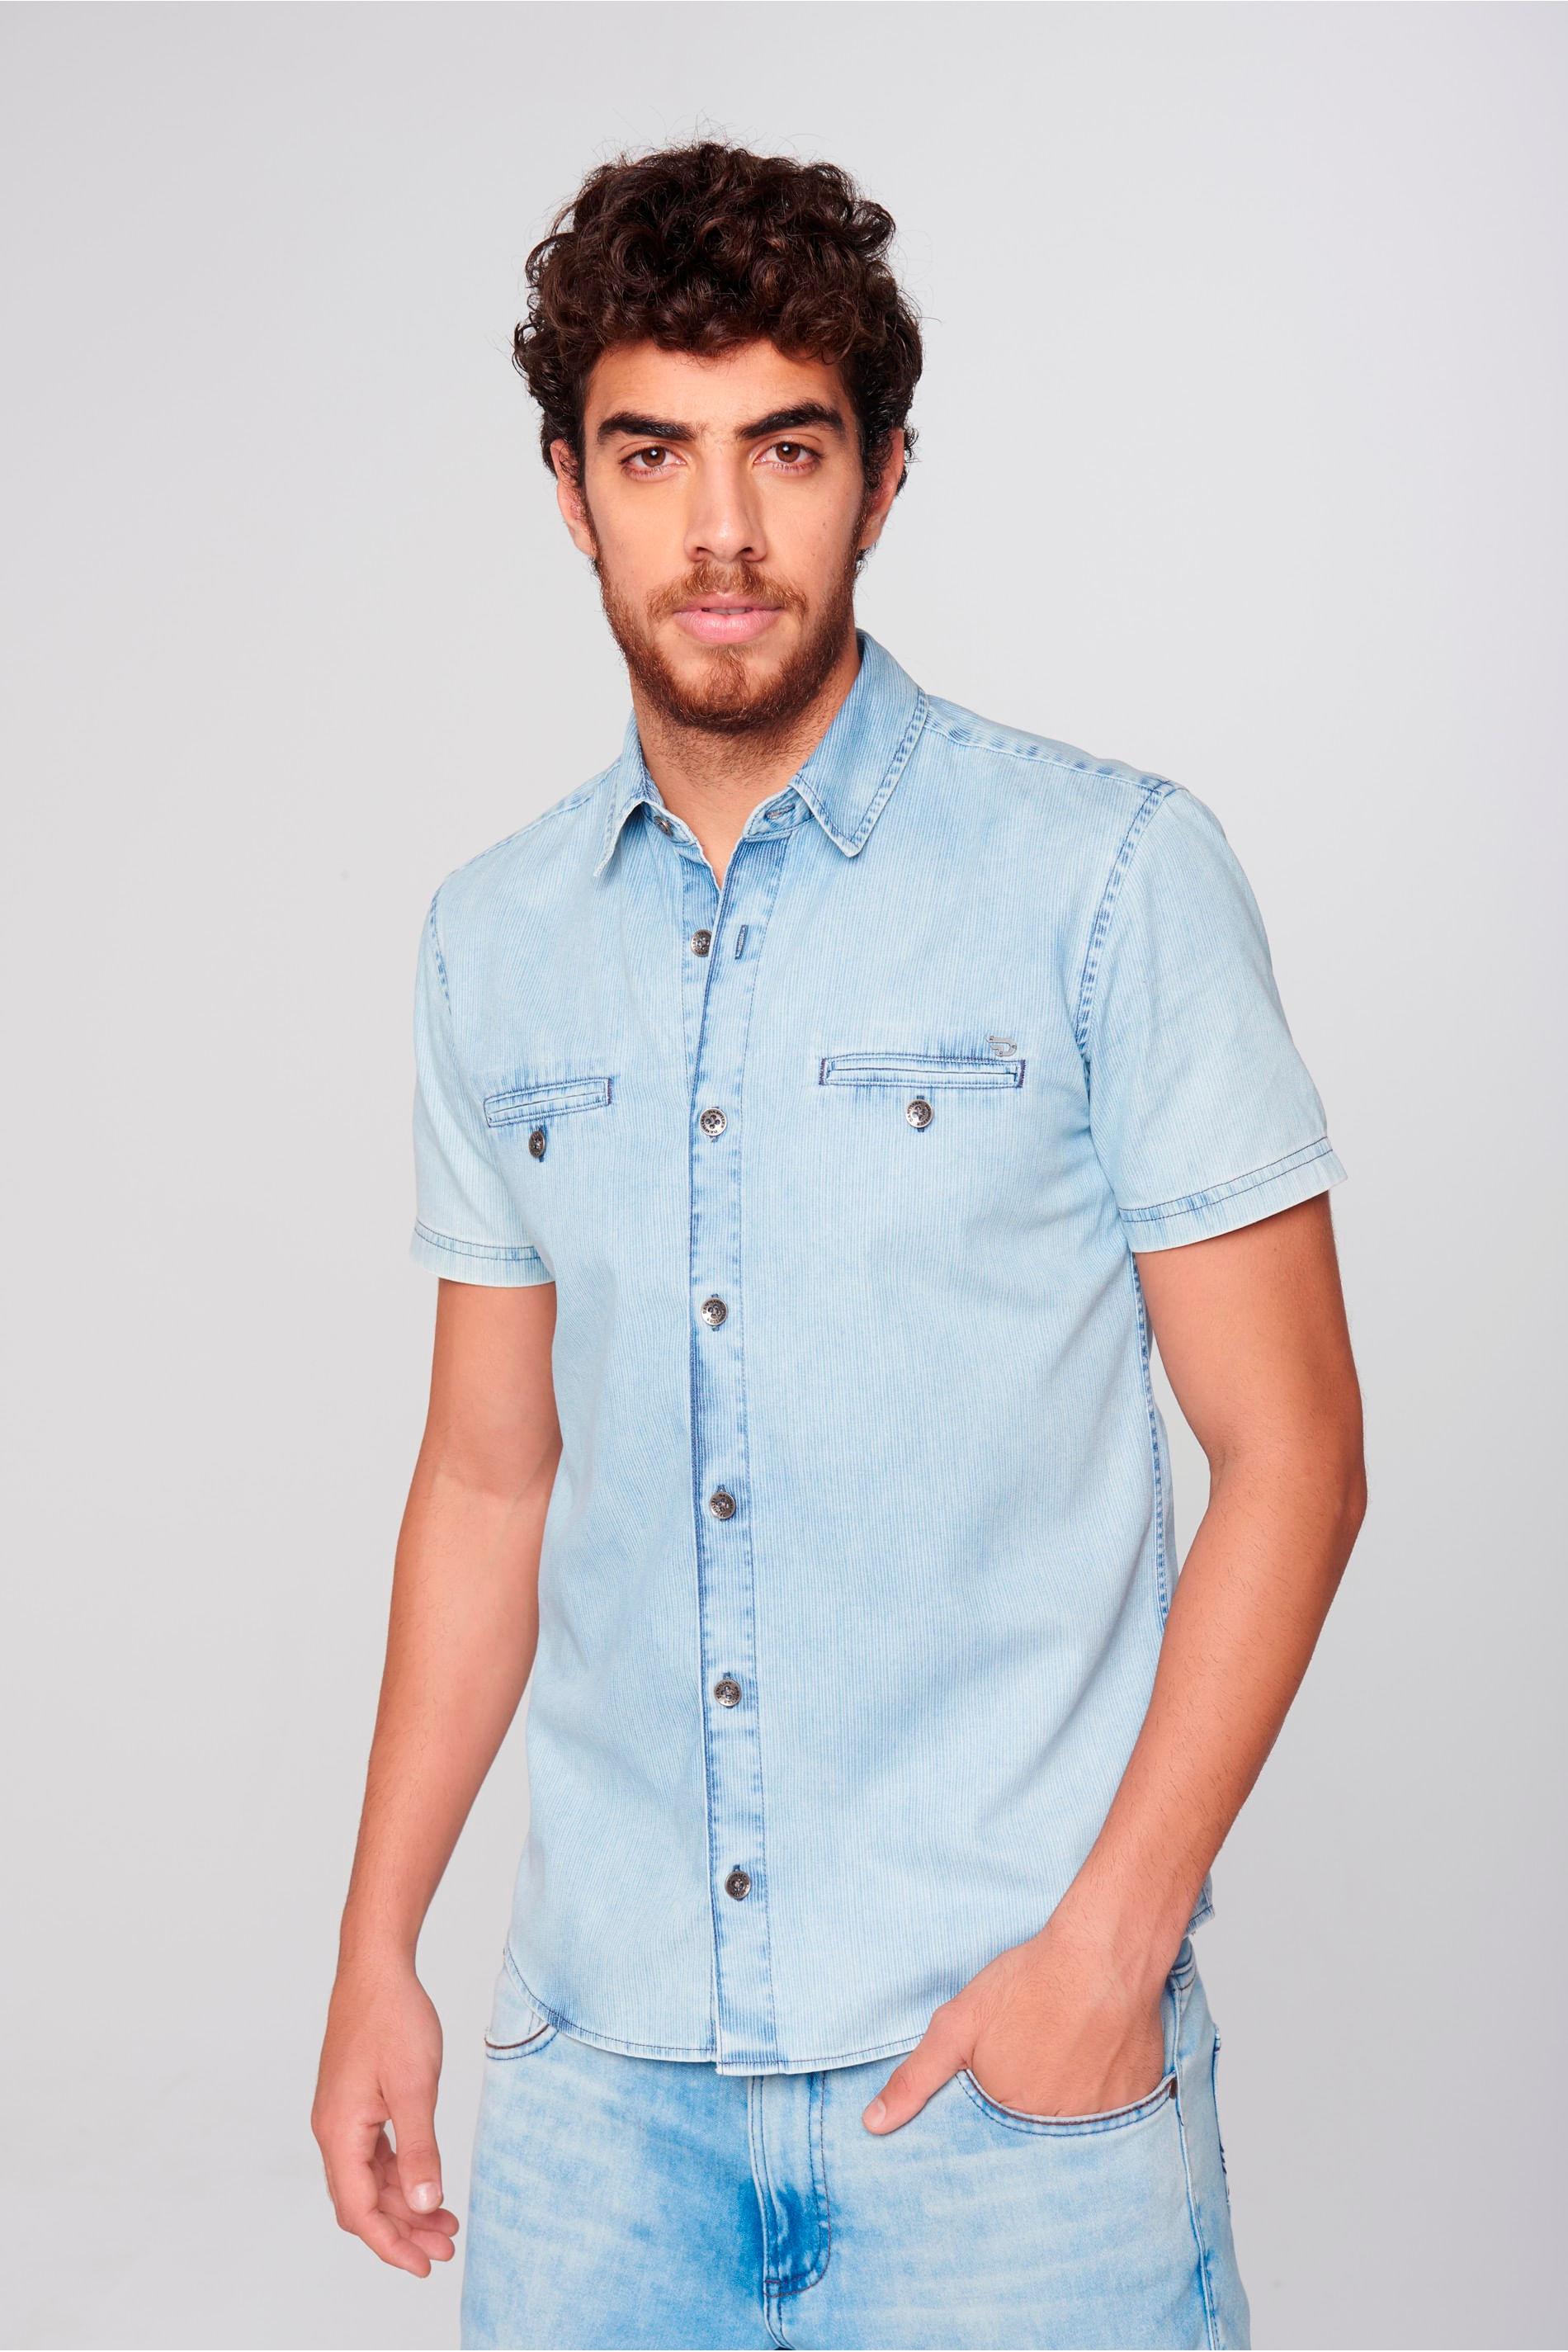 c63dd51993b52 Camisa Jeans Manga Curta Masculina - Damyller